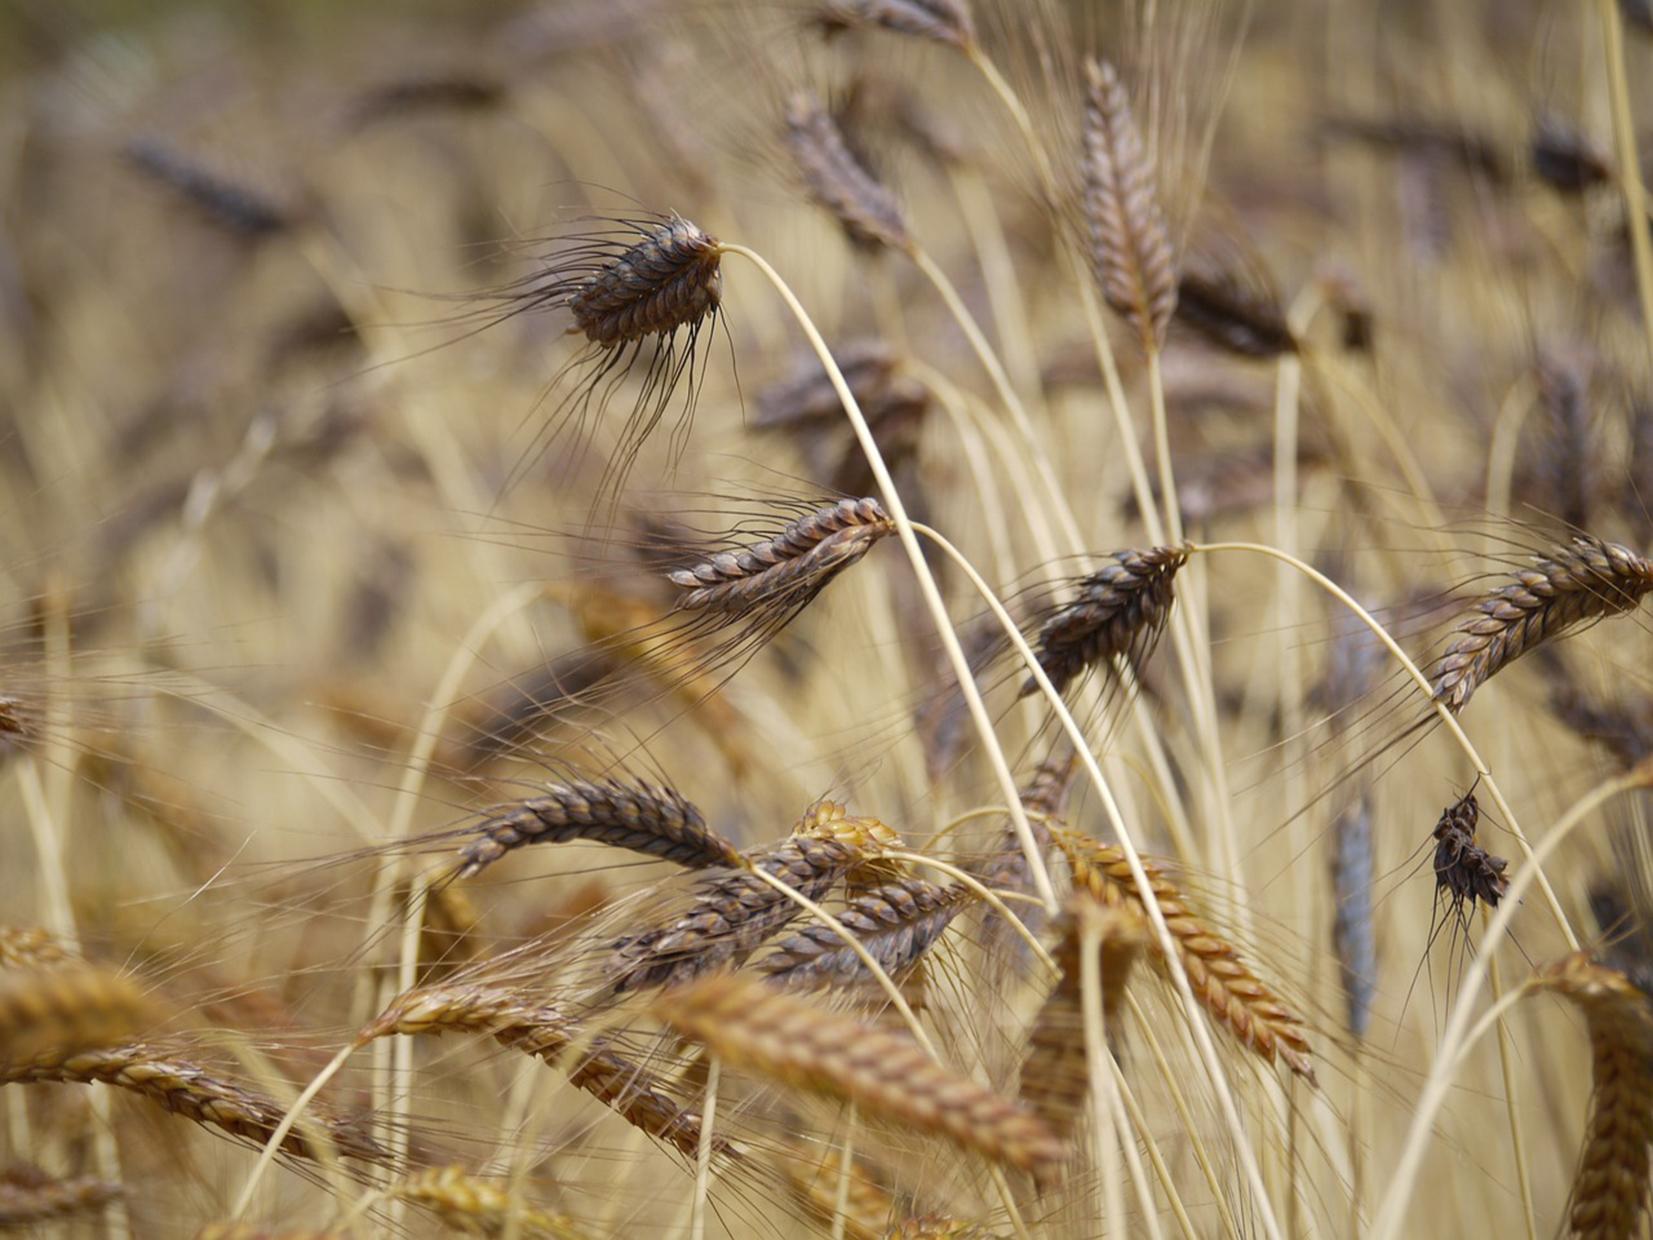 Productores de cebada quieren que Grupo Modelo les pague más